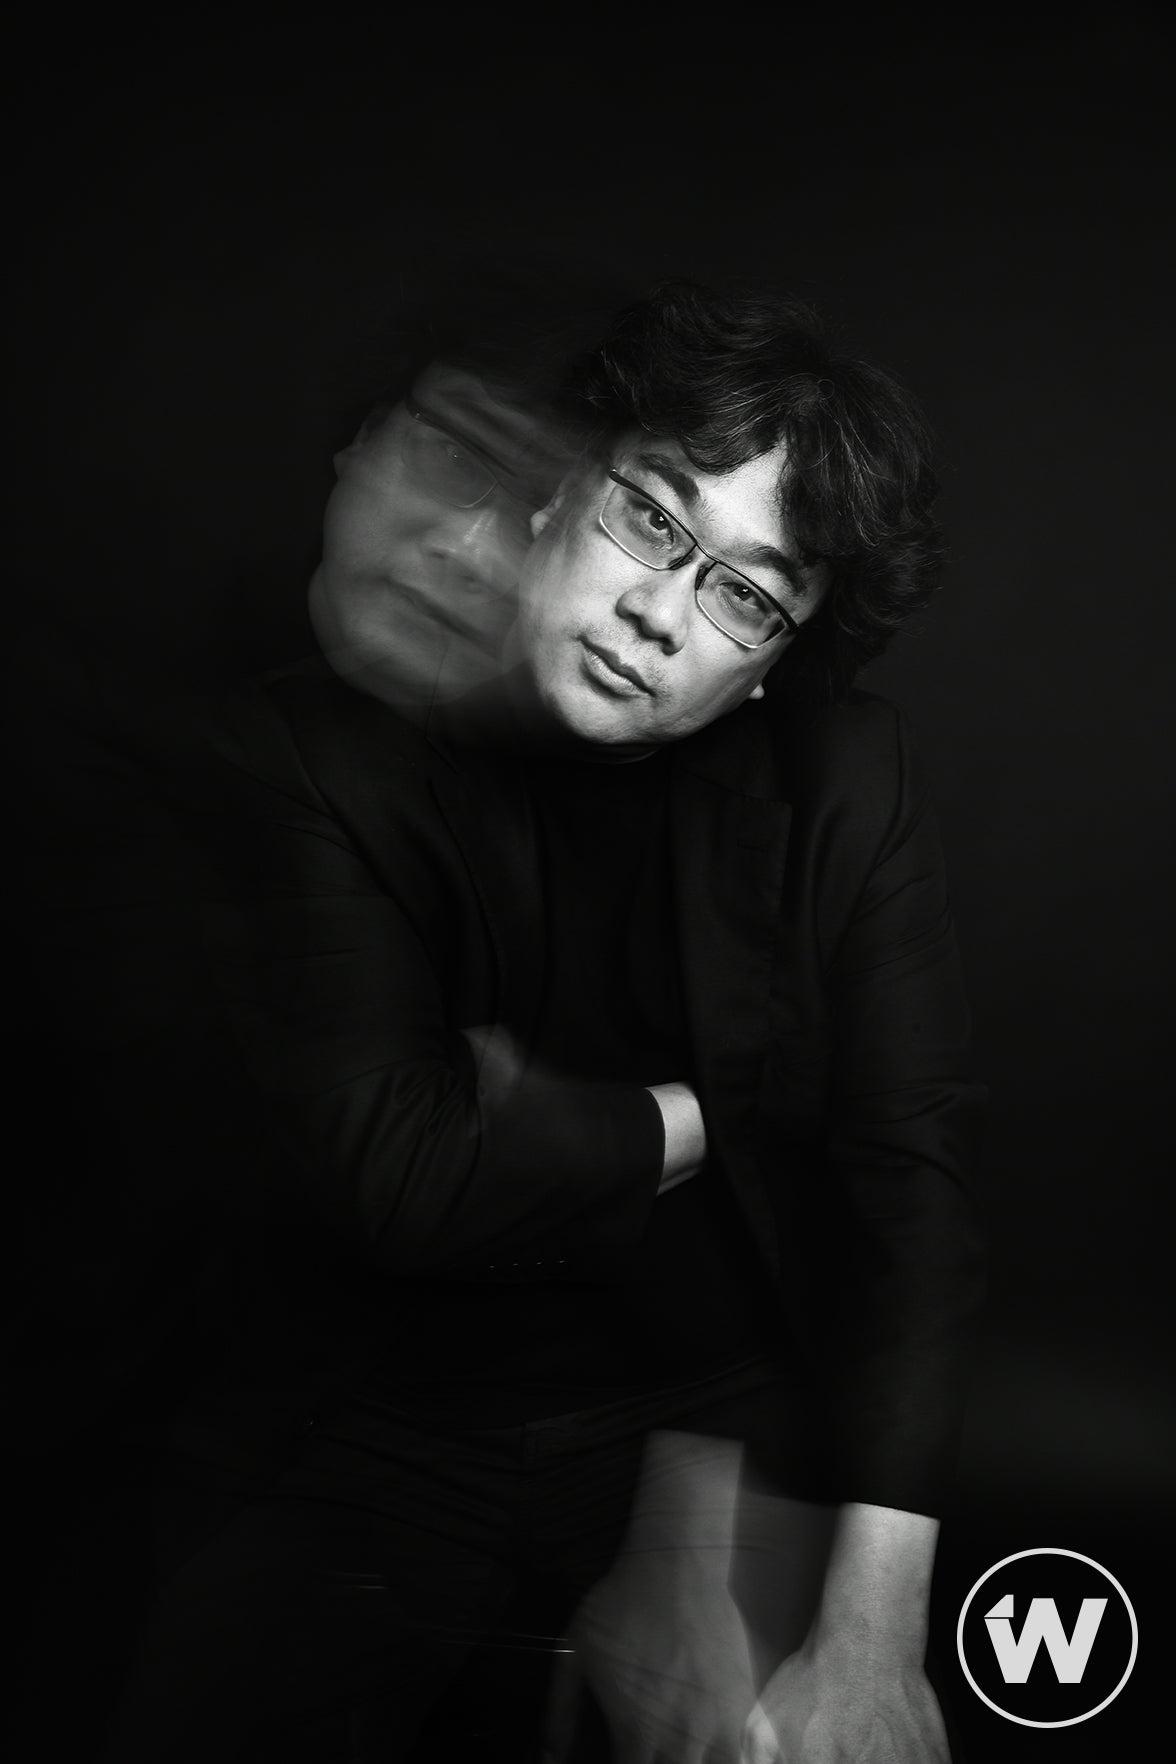 Joon-ho Bong, Parasite